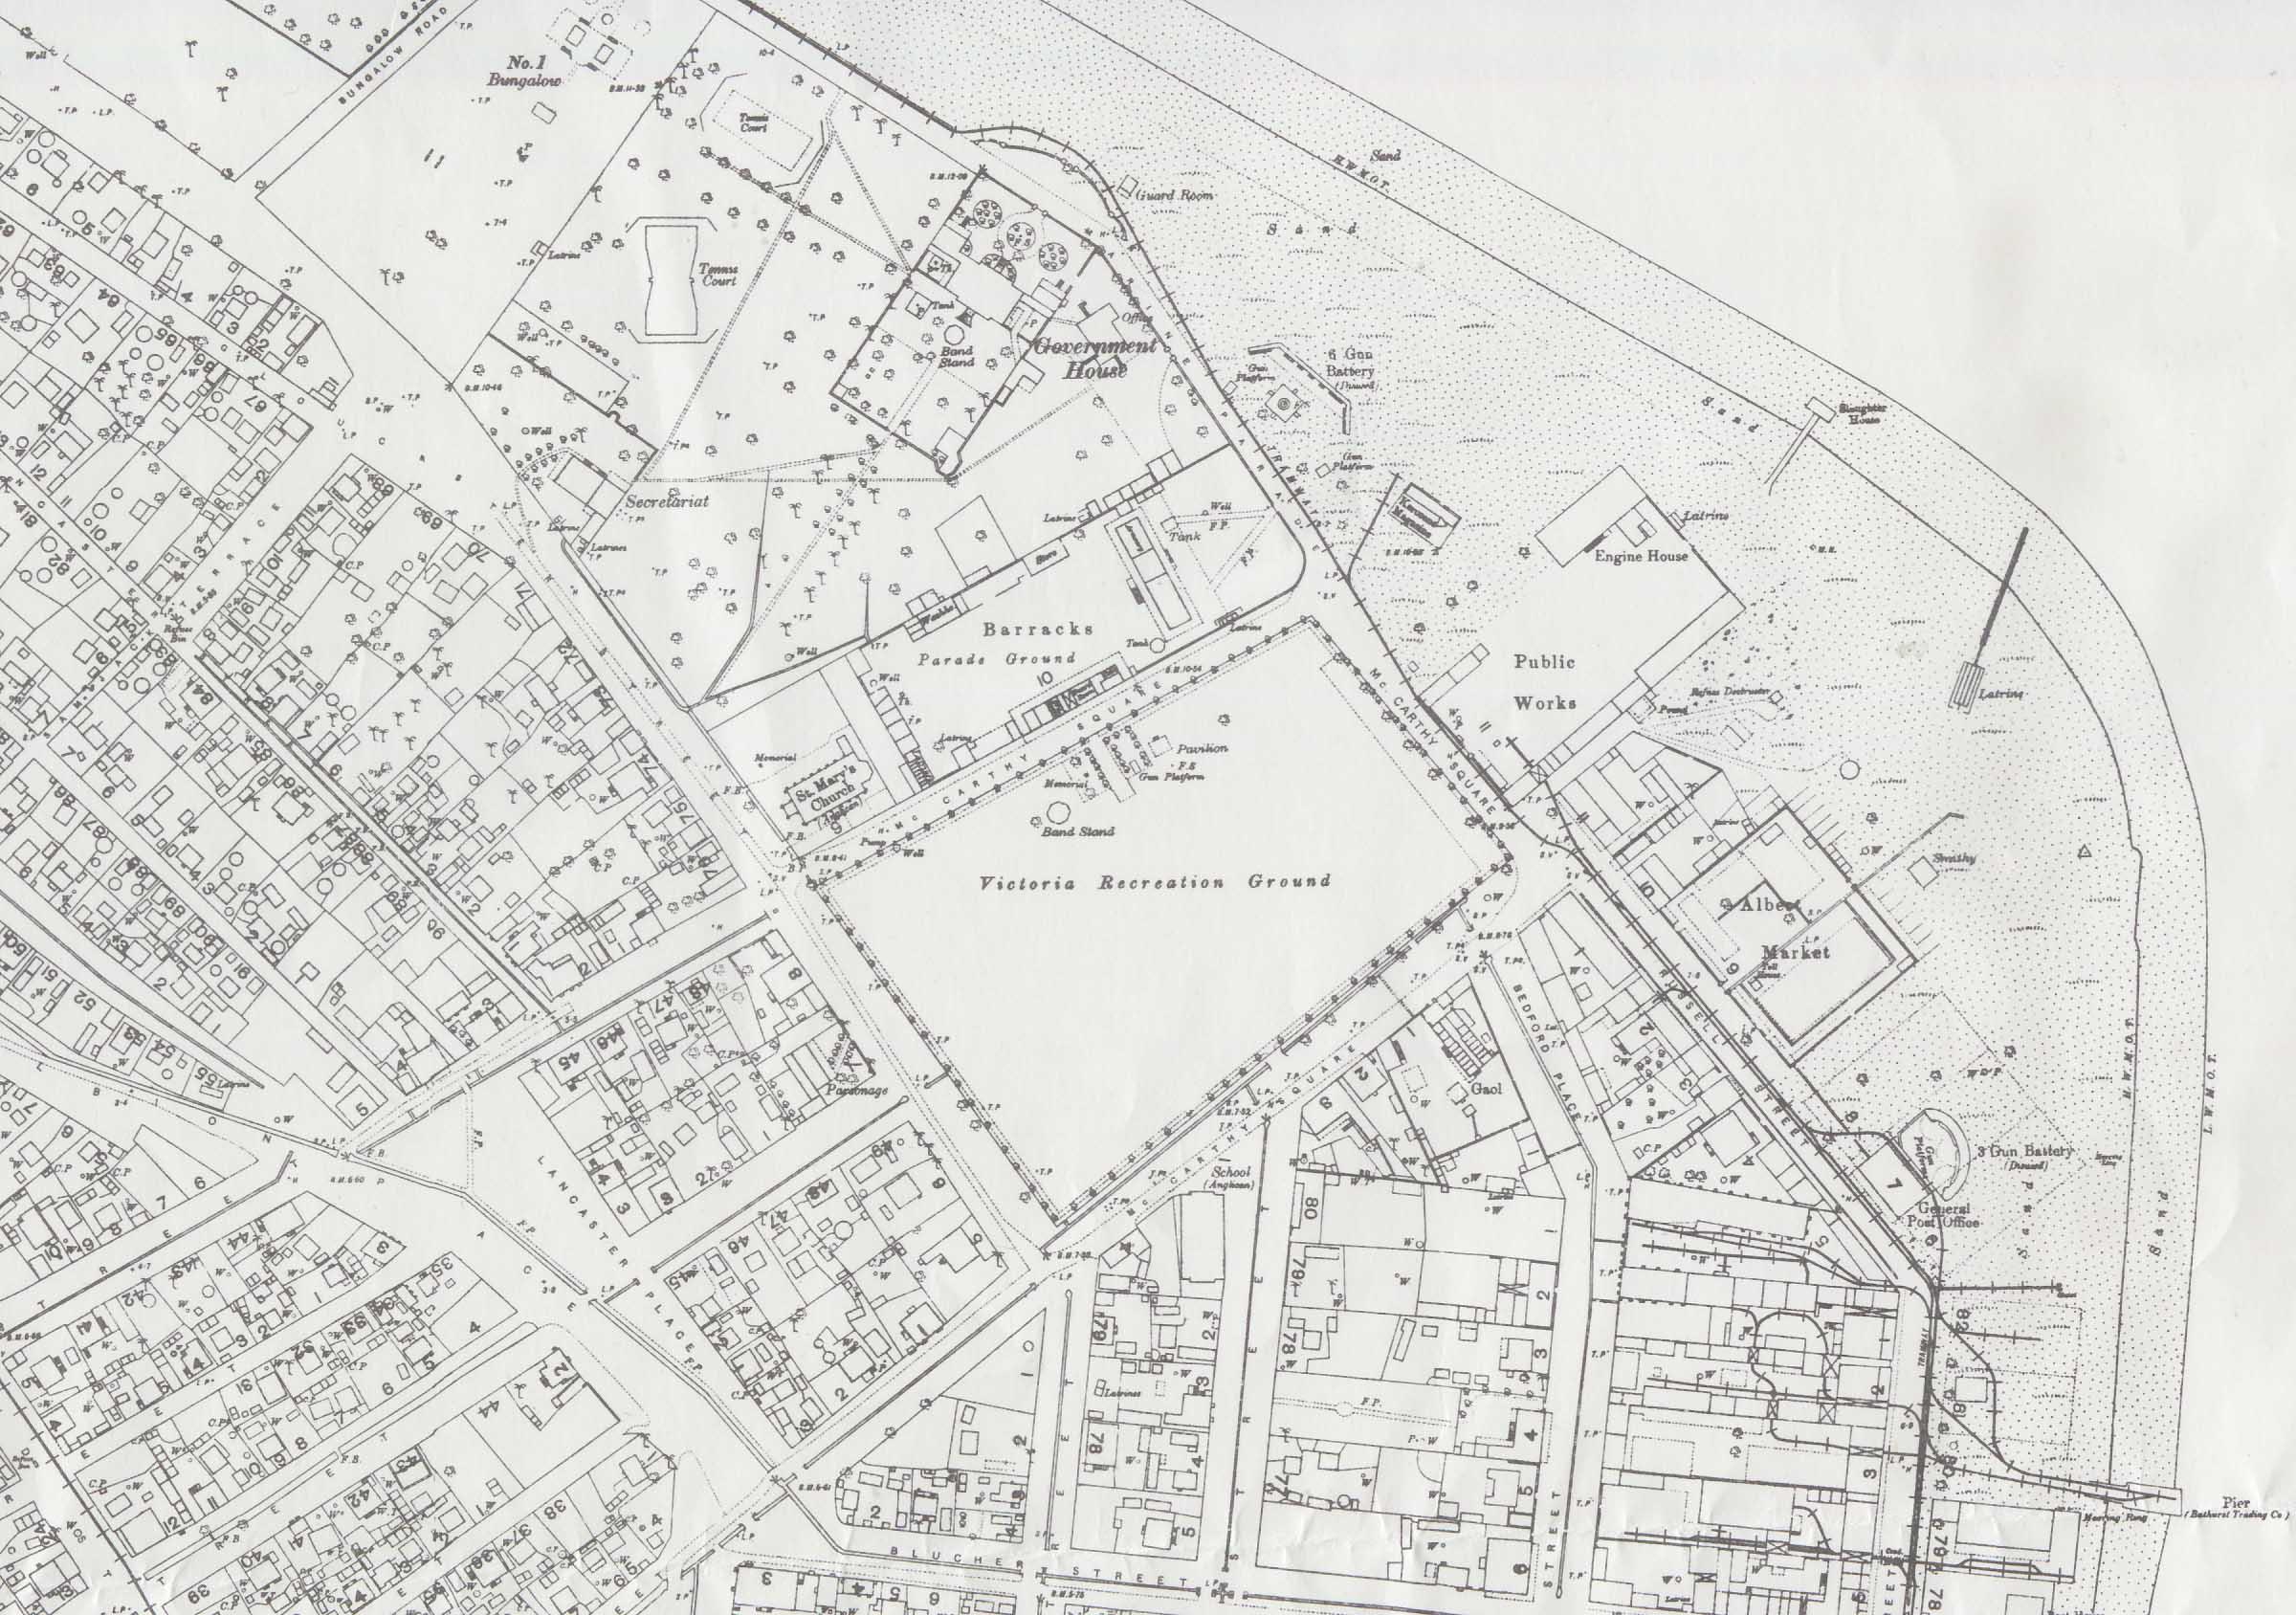 Mapa de Banjul (Bathurst), Gambia 1941